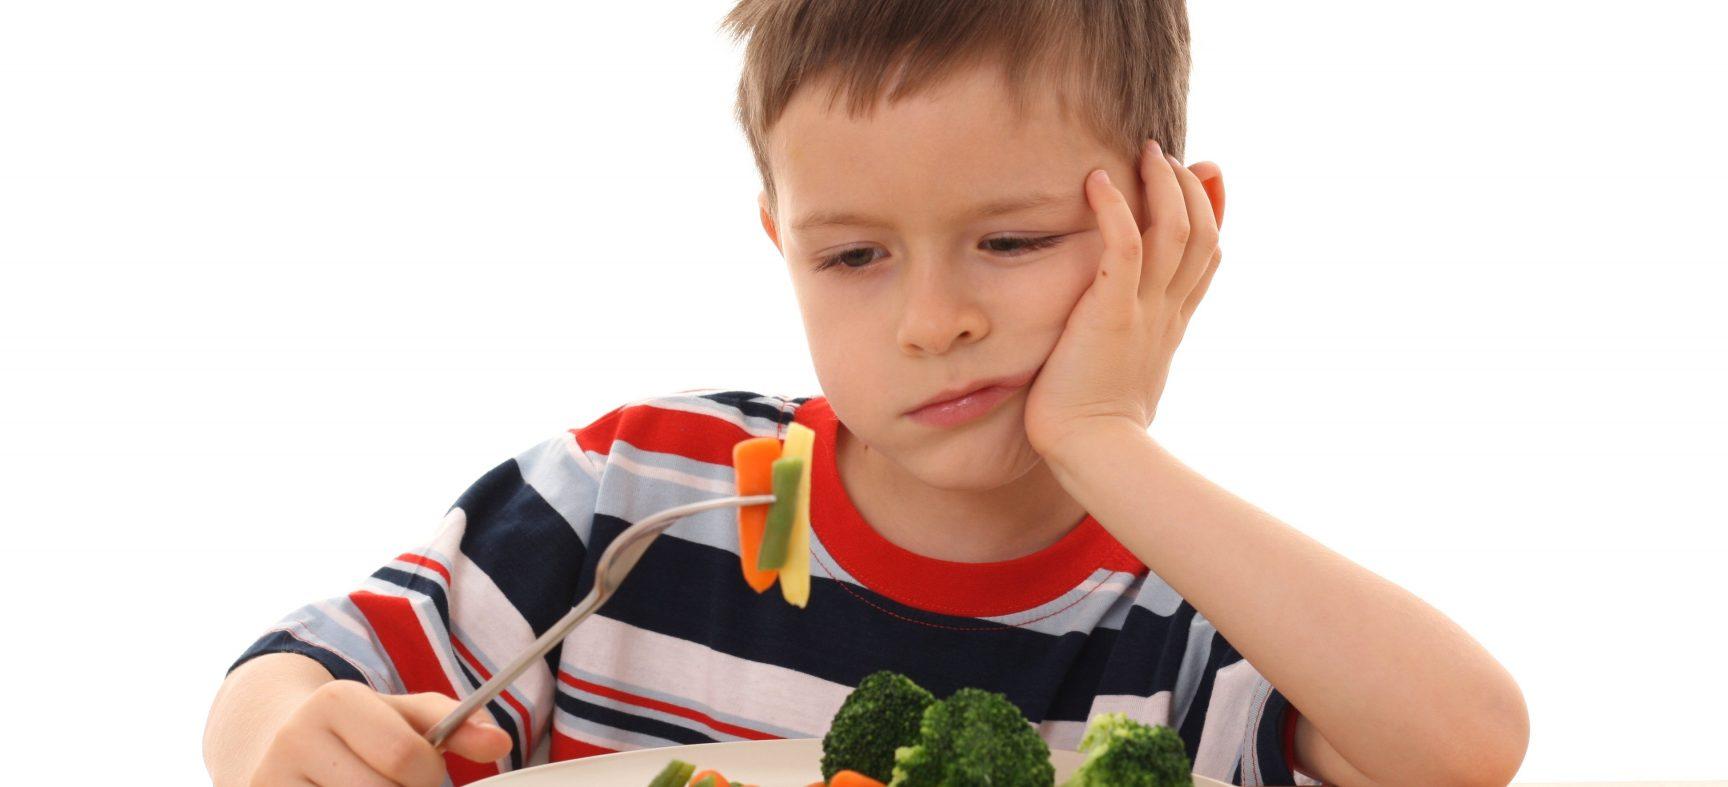 El Desequilibrio Cerebral y la Alimentación Problemática